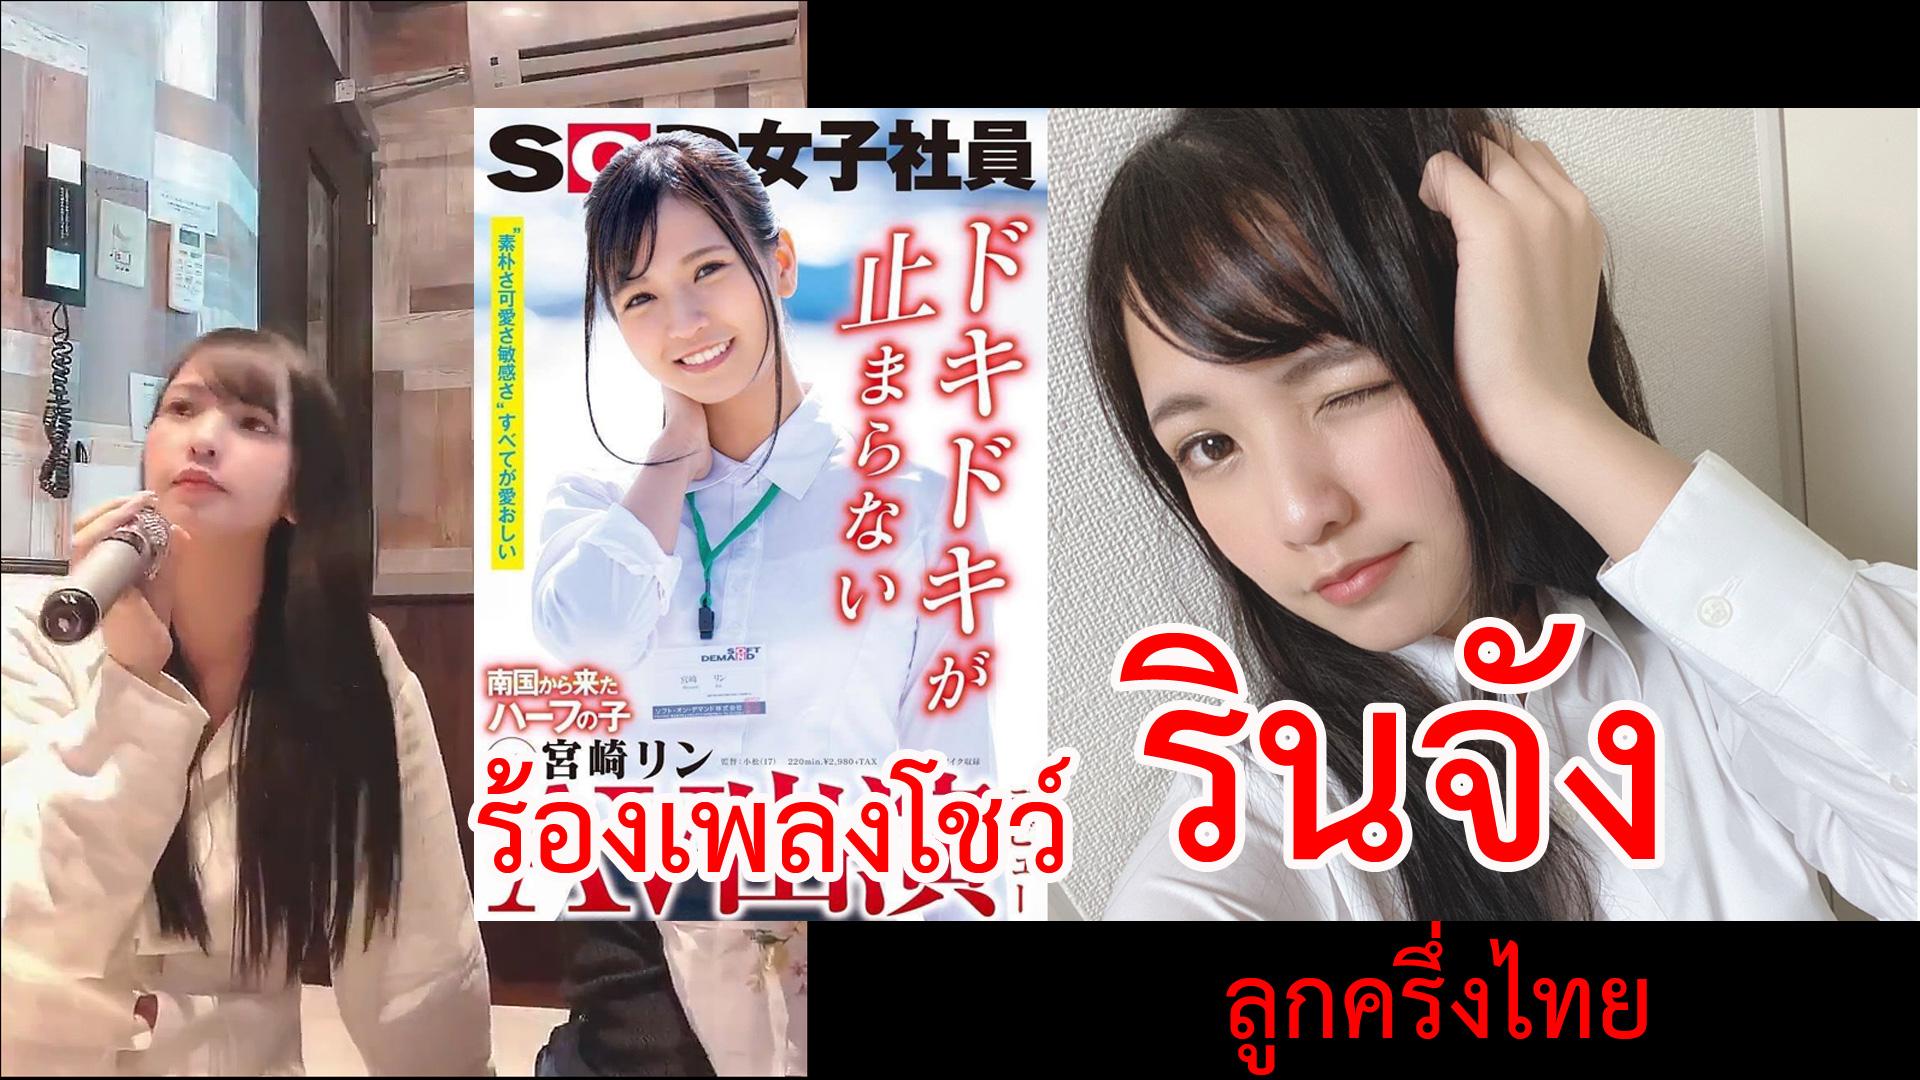 ปรากฏการณ์ รินจัง ลูกครึ่งไทย-ญี่ปุ่น กับการเปิดดาราเอวีครั้งแรก ที่พูดไทยได้